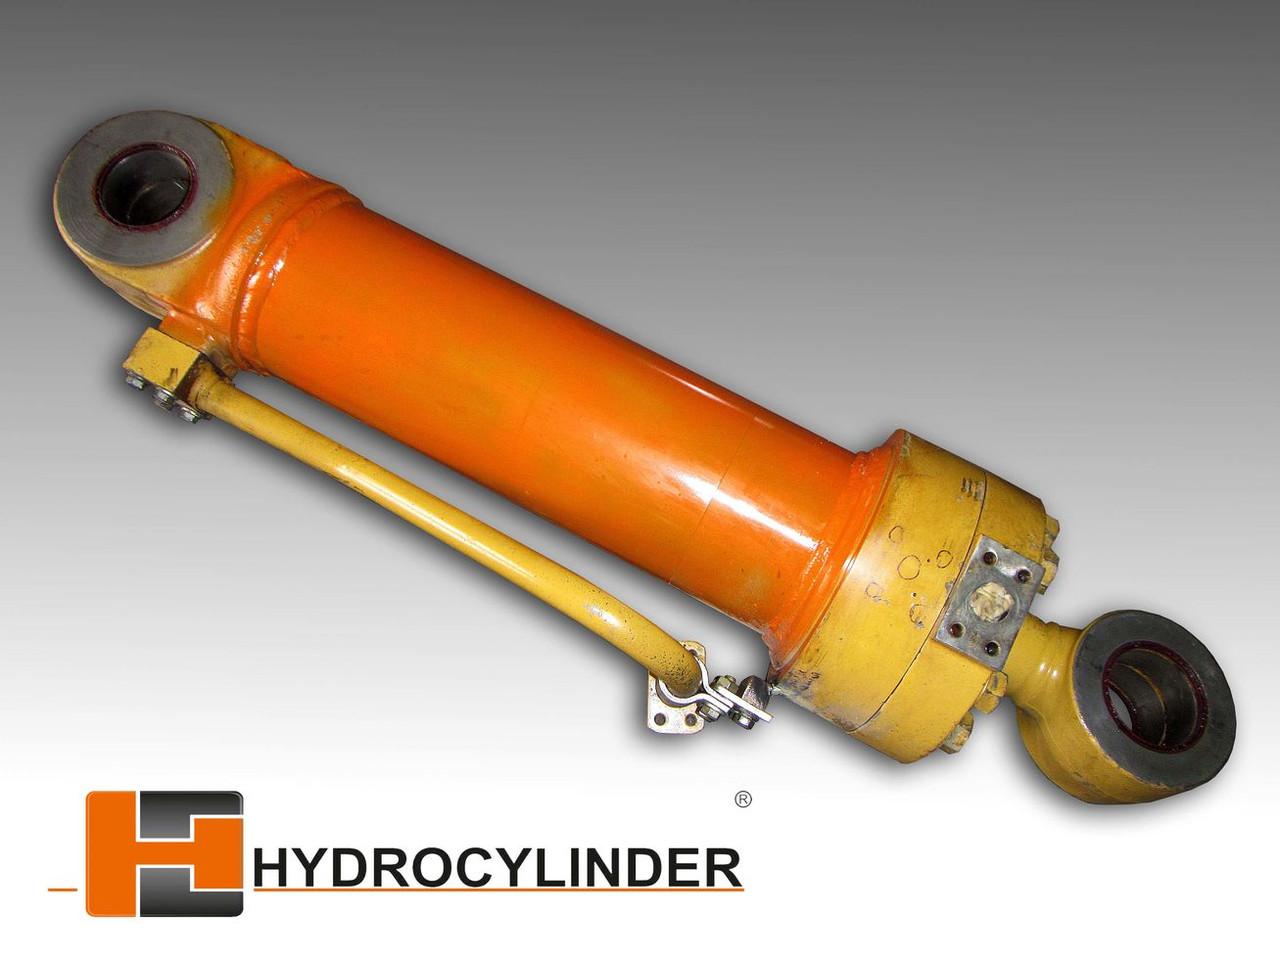 Гидроцилиндры (цилиндры) всех видов: поршневые, телескопические, плунжерные, одностороннего и двустороннего действия